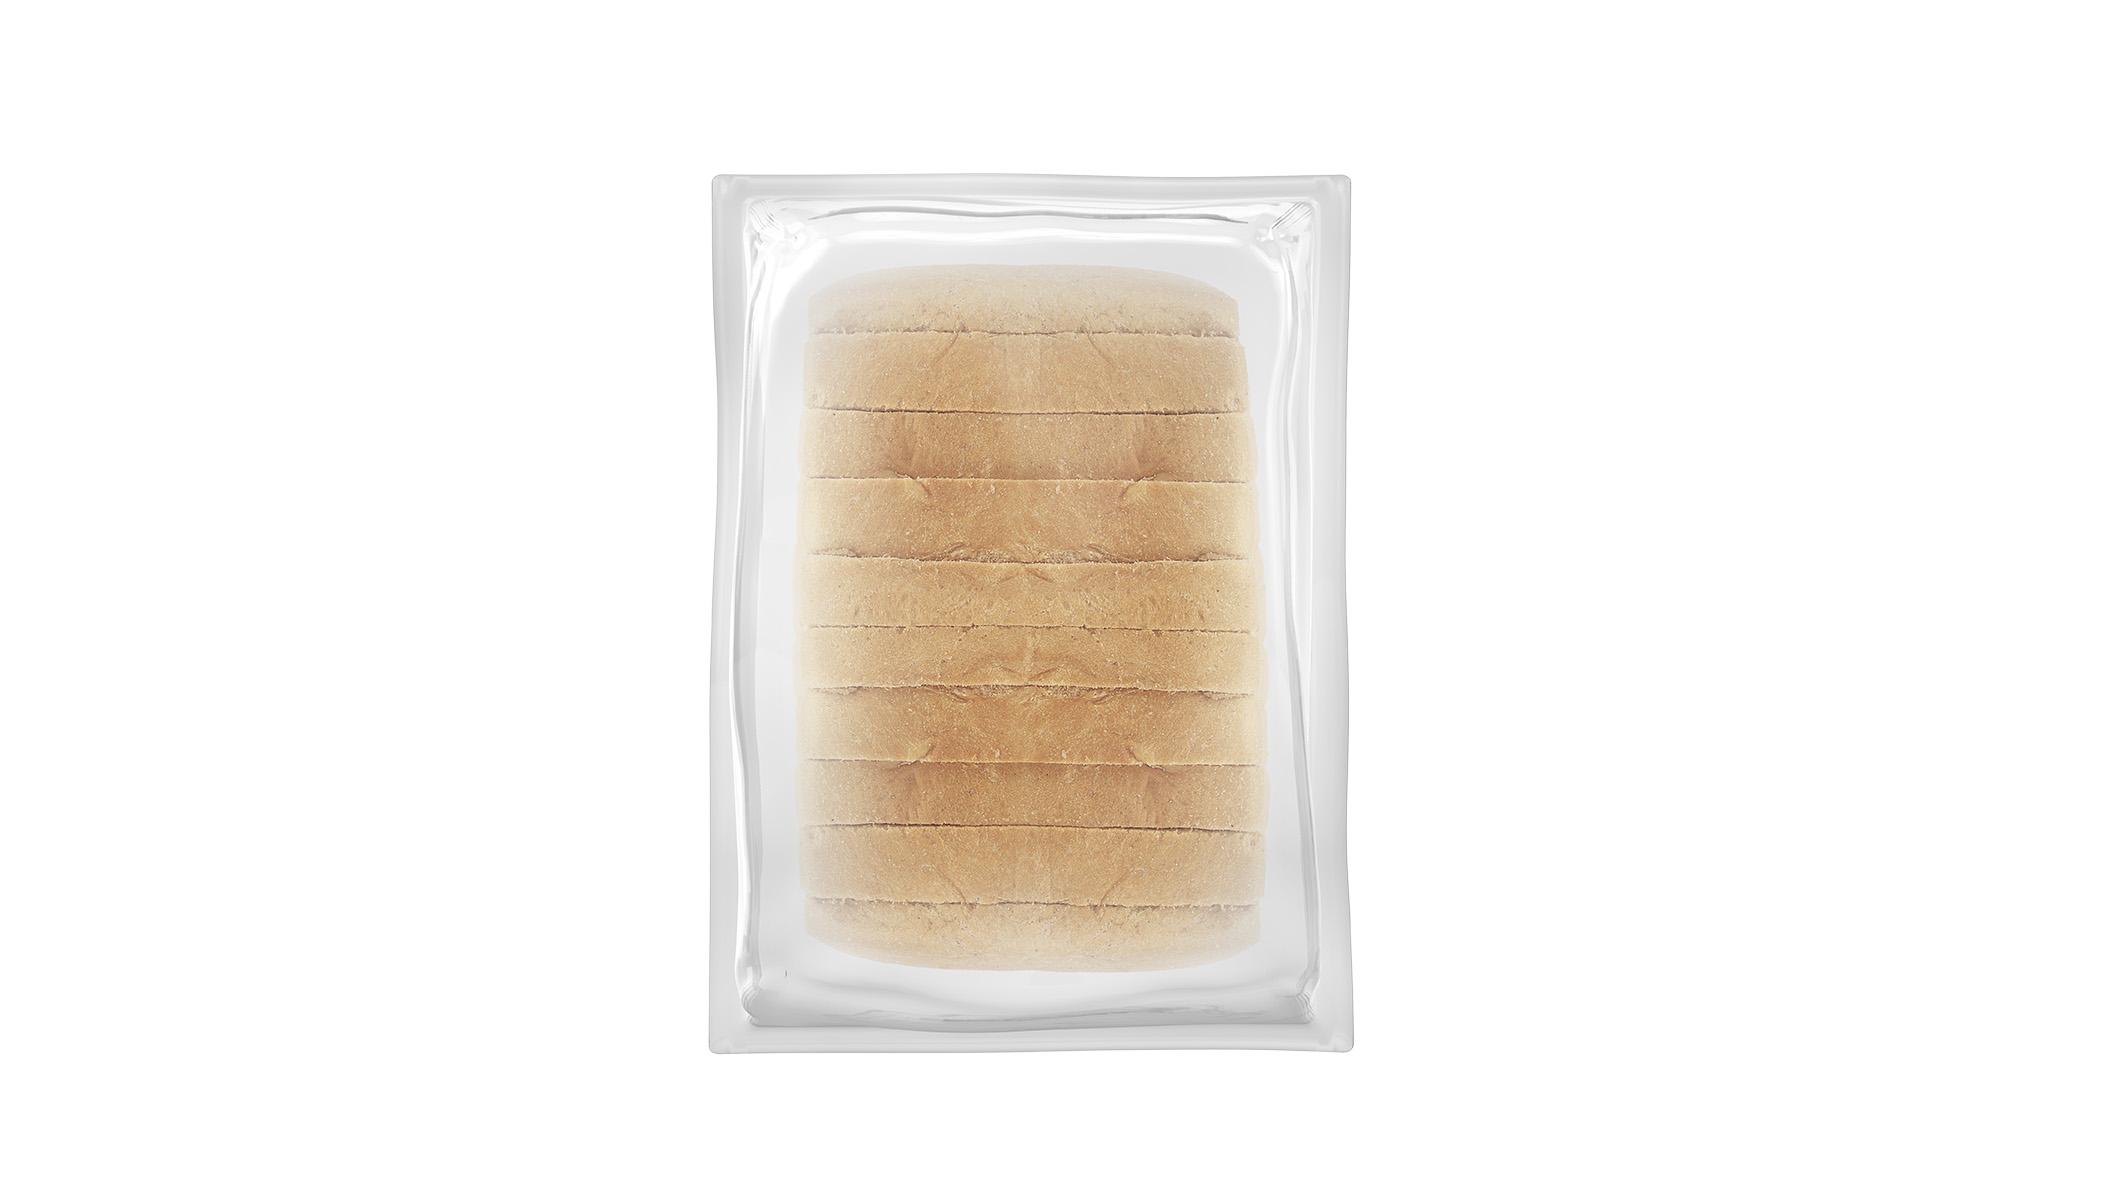 Bezglutenski kruh od više vrsti žitarica - Pan Multigrano